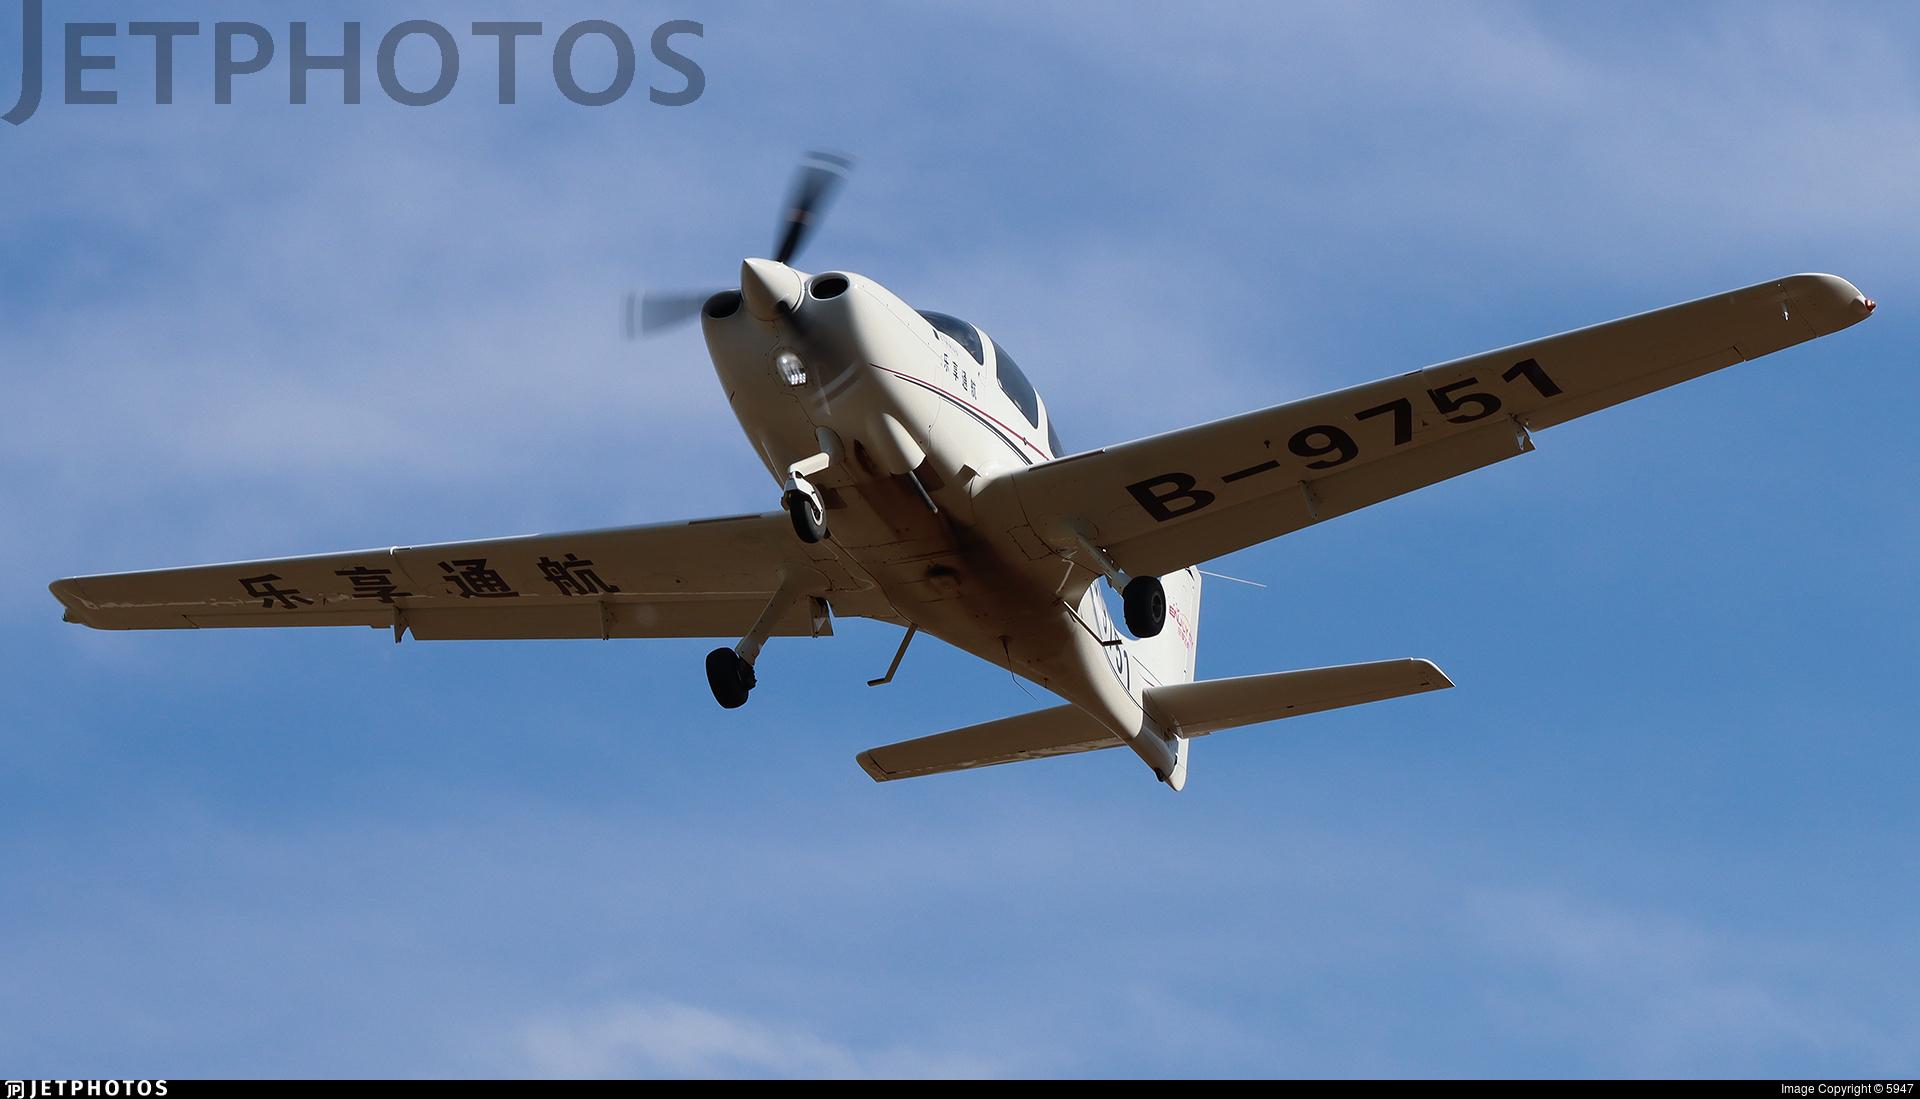 B-9751 - Cirrus SR20 - Enjoy Fly